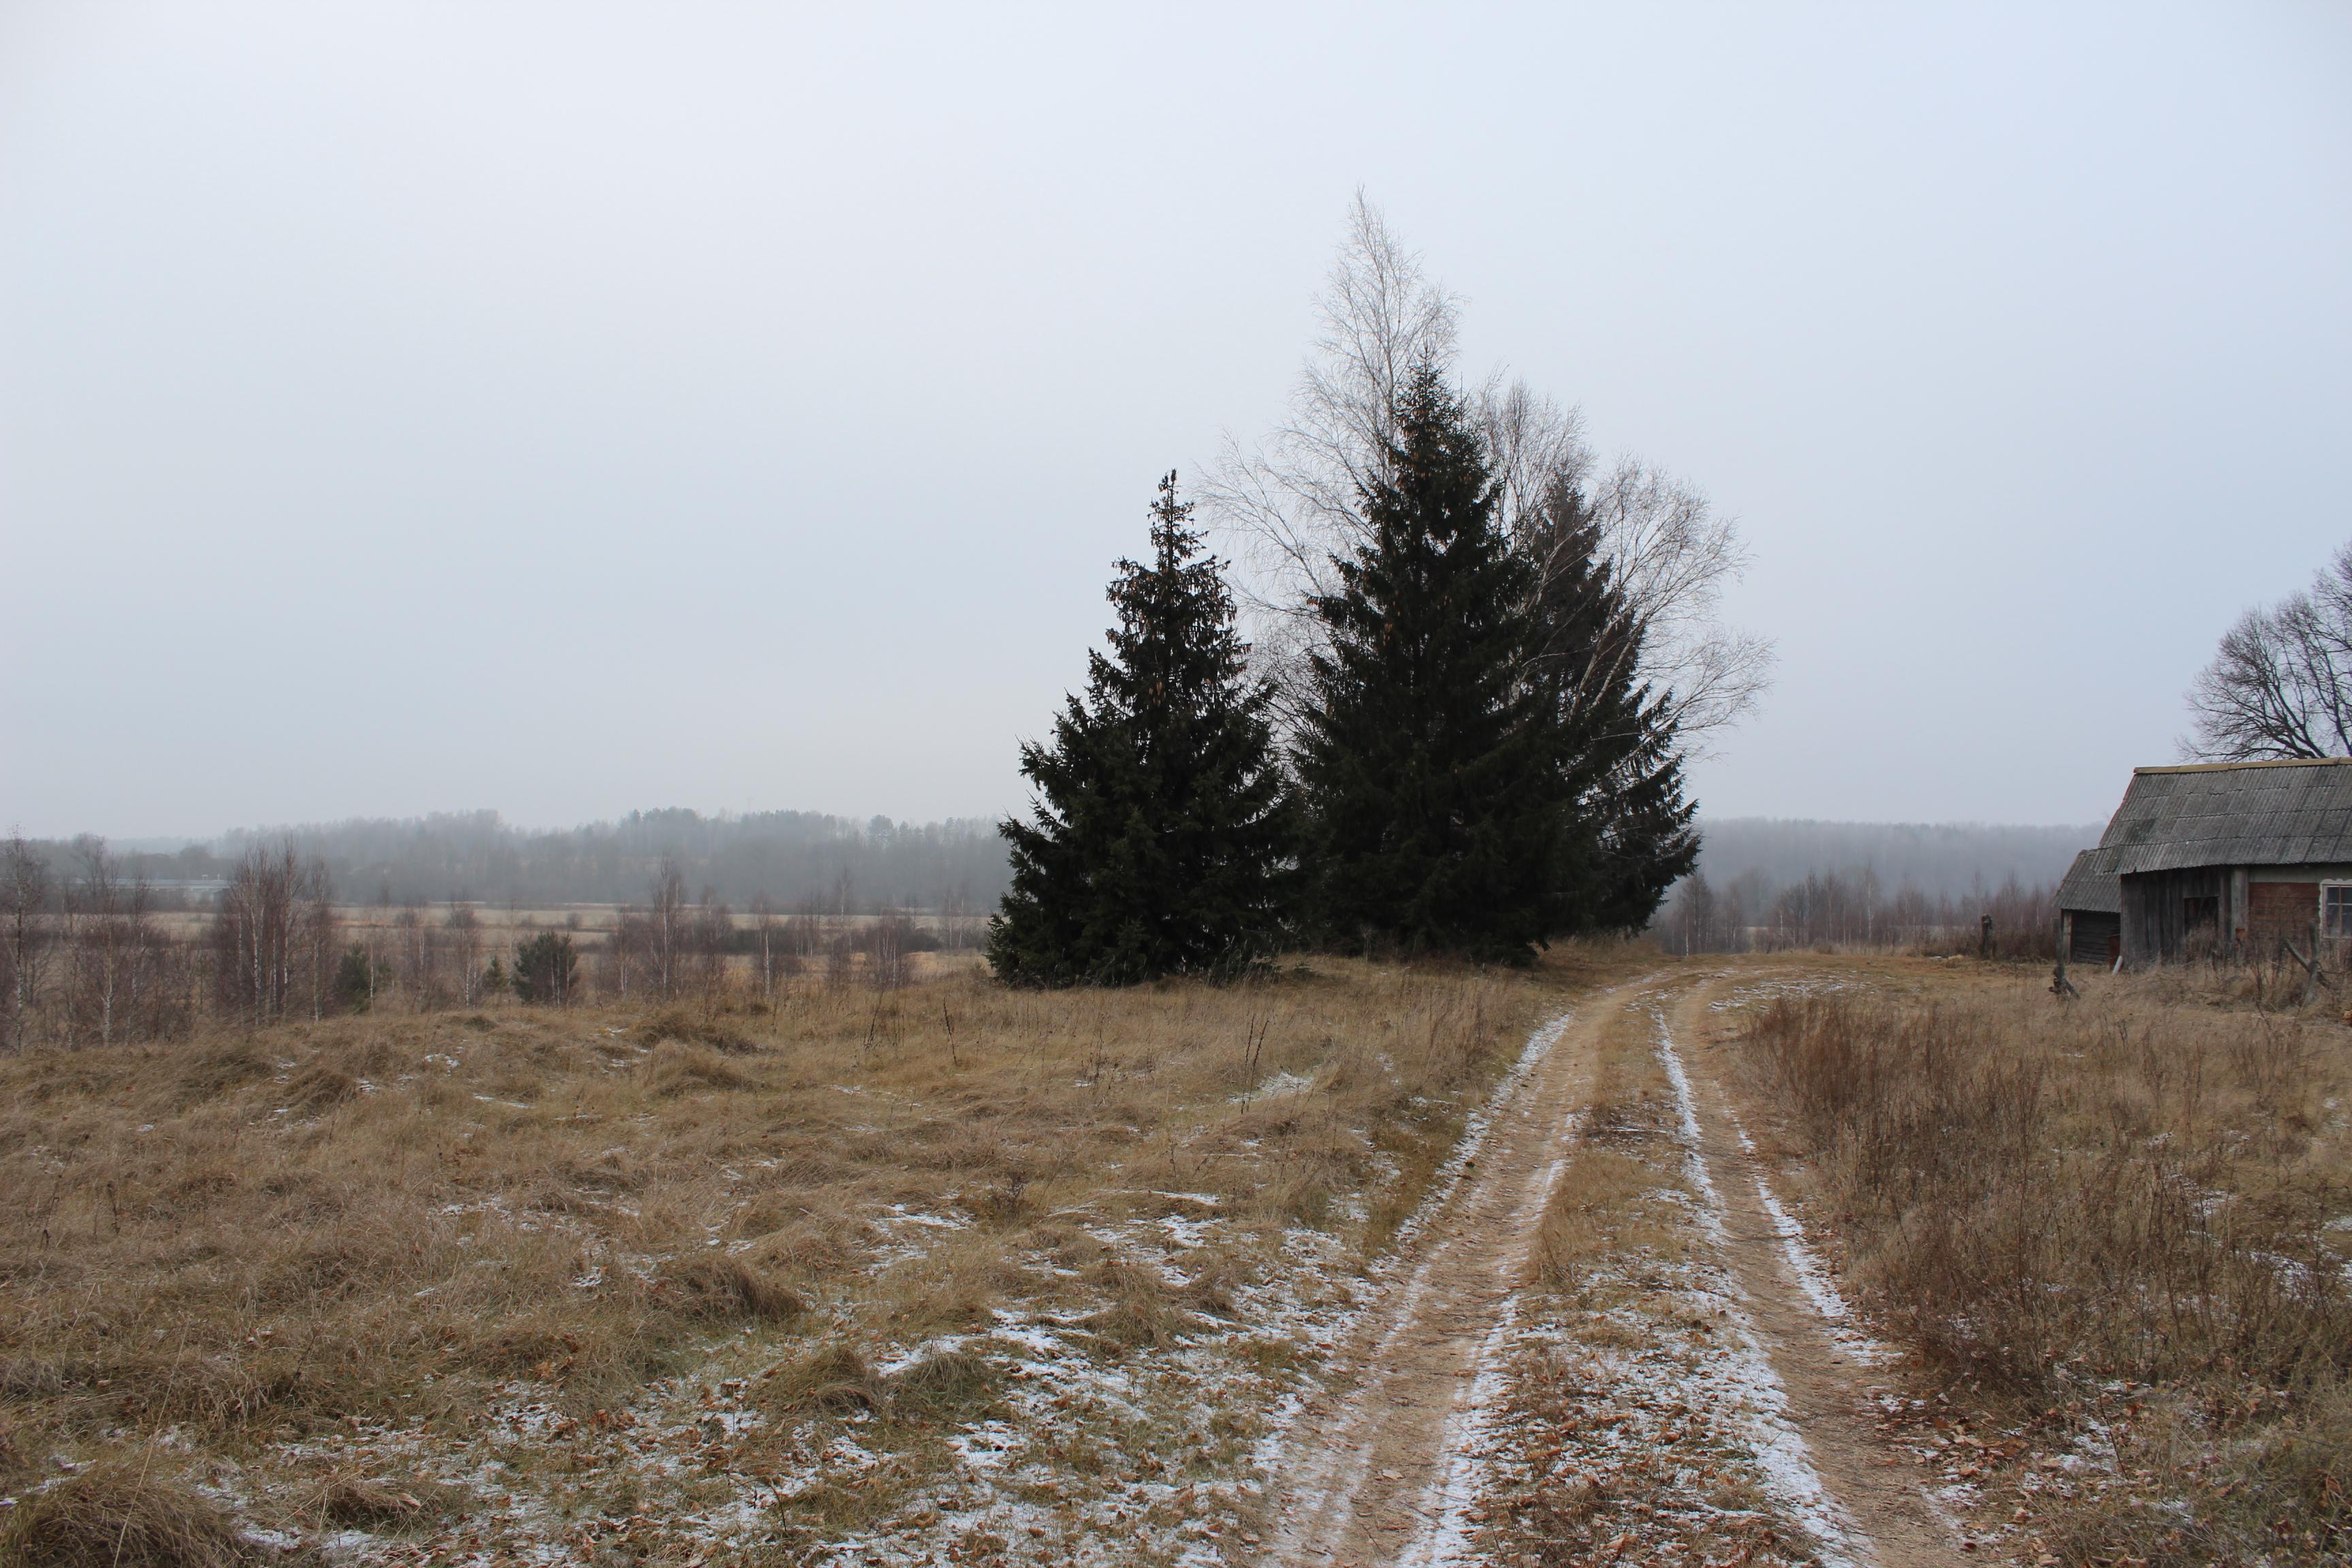 Памятное место, где 23 сентября 1941 г. гитлеровцы казнили 17 мирных жителей, деревня сожжена. Установлен обелиск